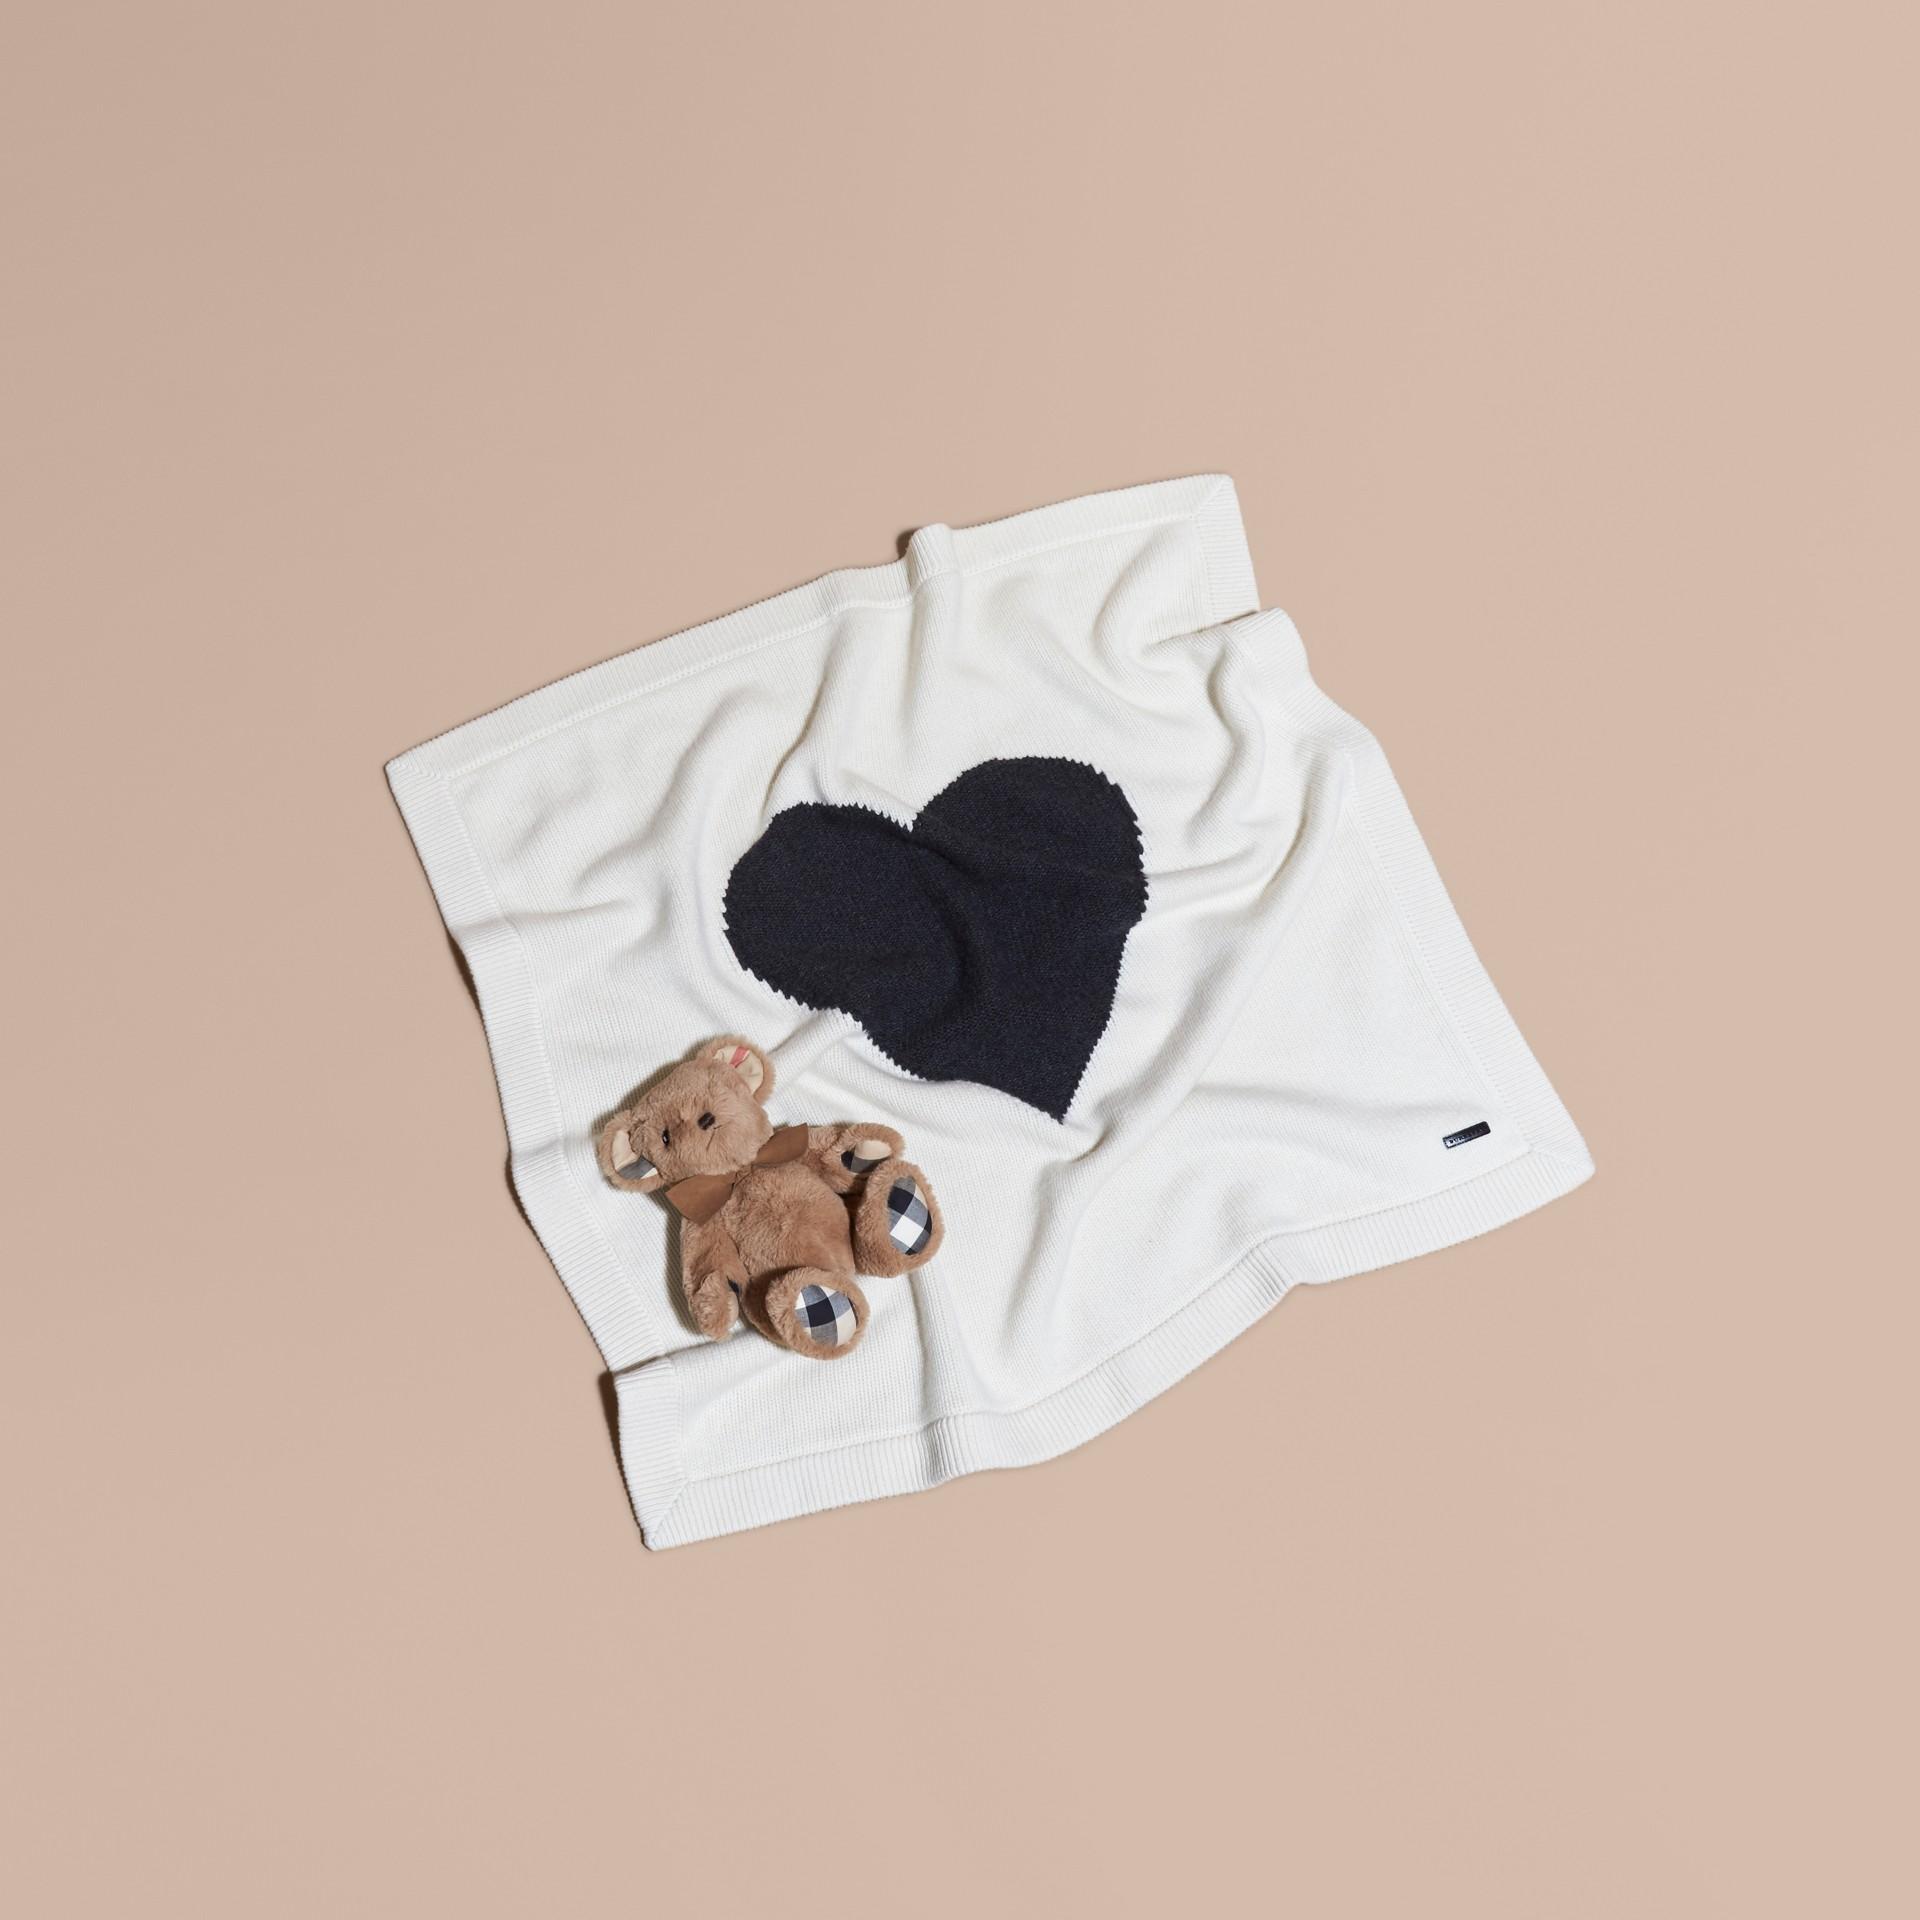 Bianco naturale Coperta per neonato in cashmere con cuore a intarsio - immagine della galleria 1